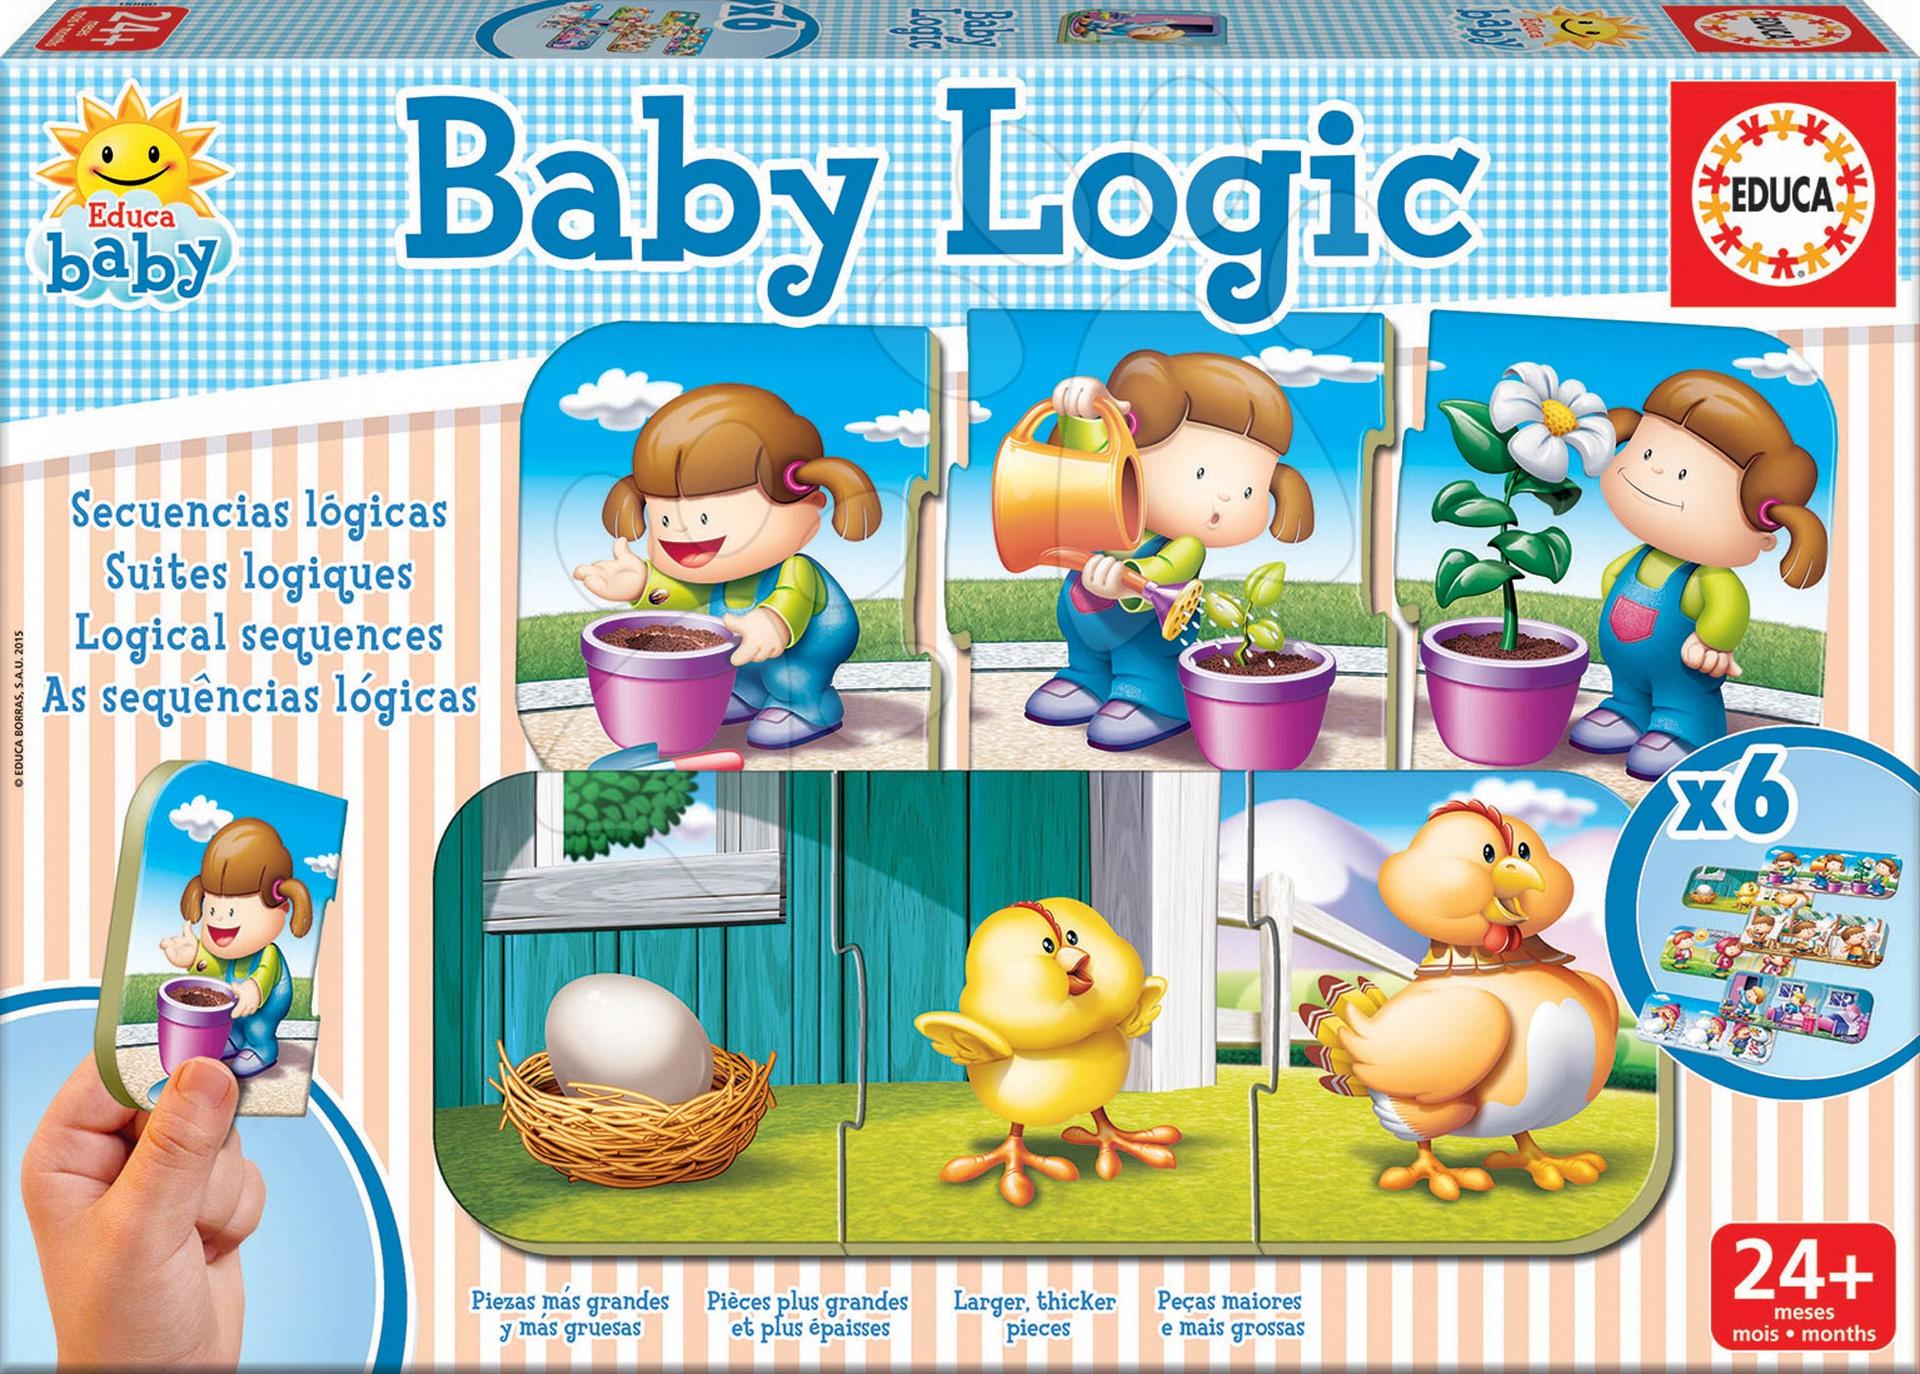 Puzzle Baby Logic Educa 6x3 dílky 6obrázkové od 24 měsíců